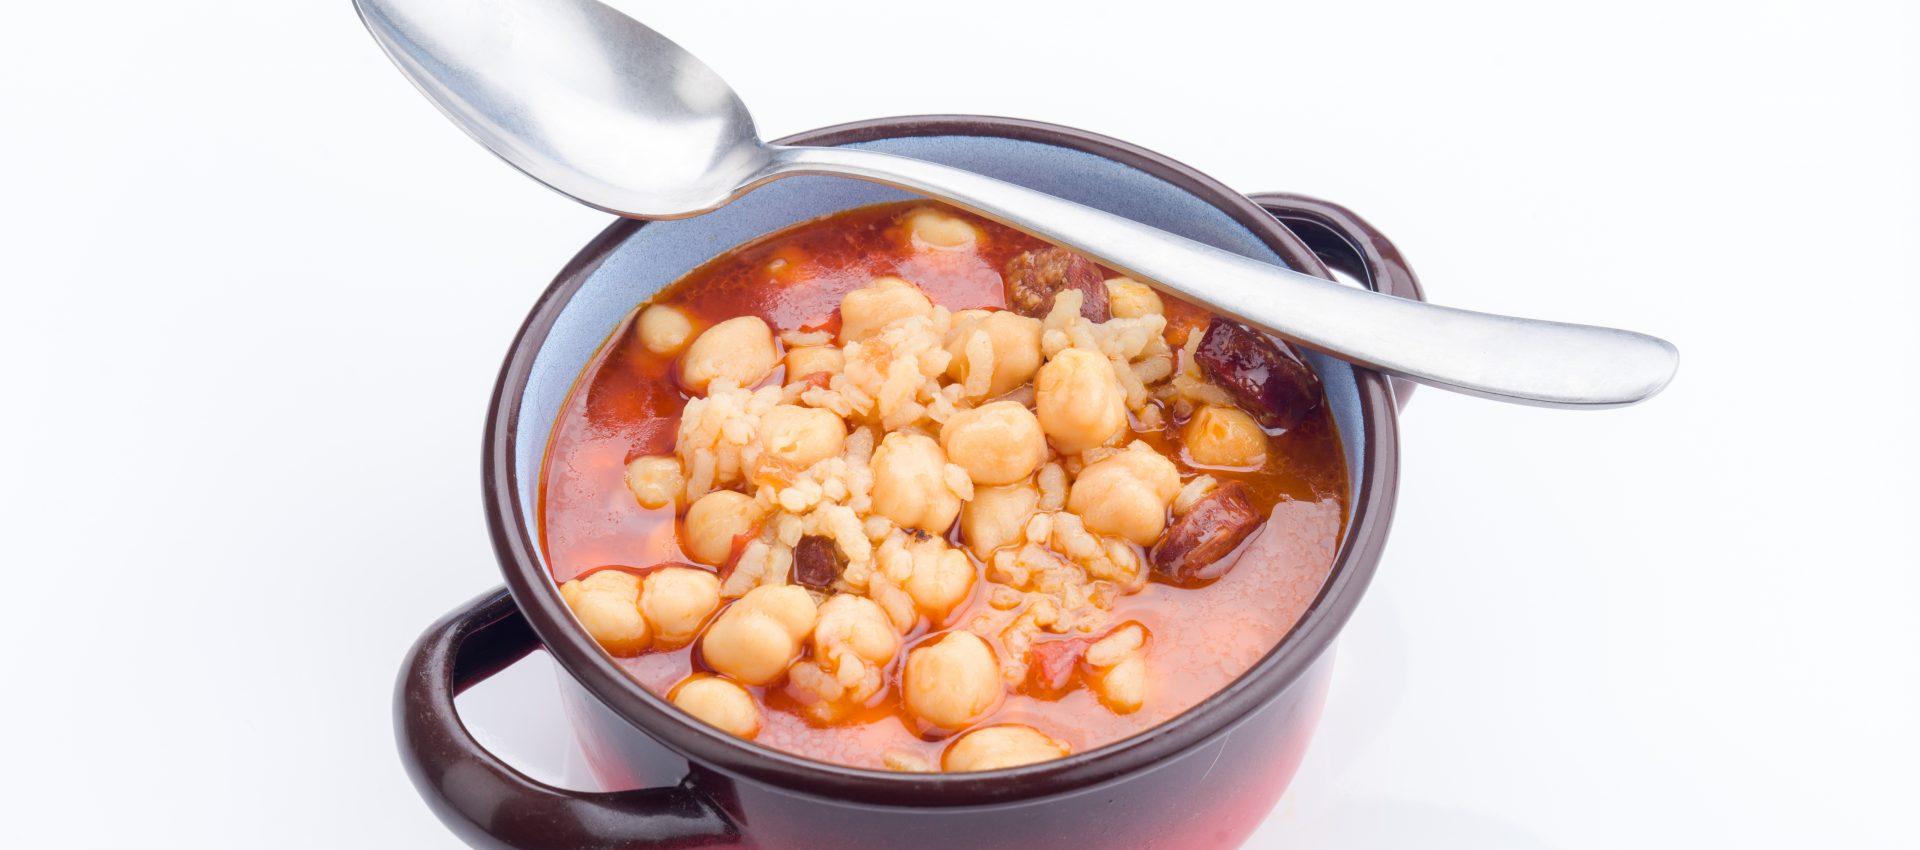 Ragoût de pois chiche tomate chorizo au cookeo